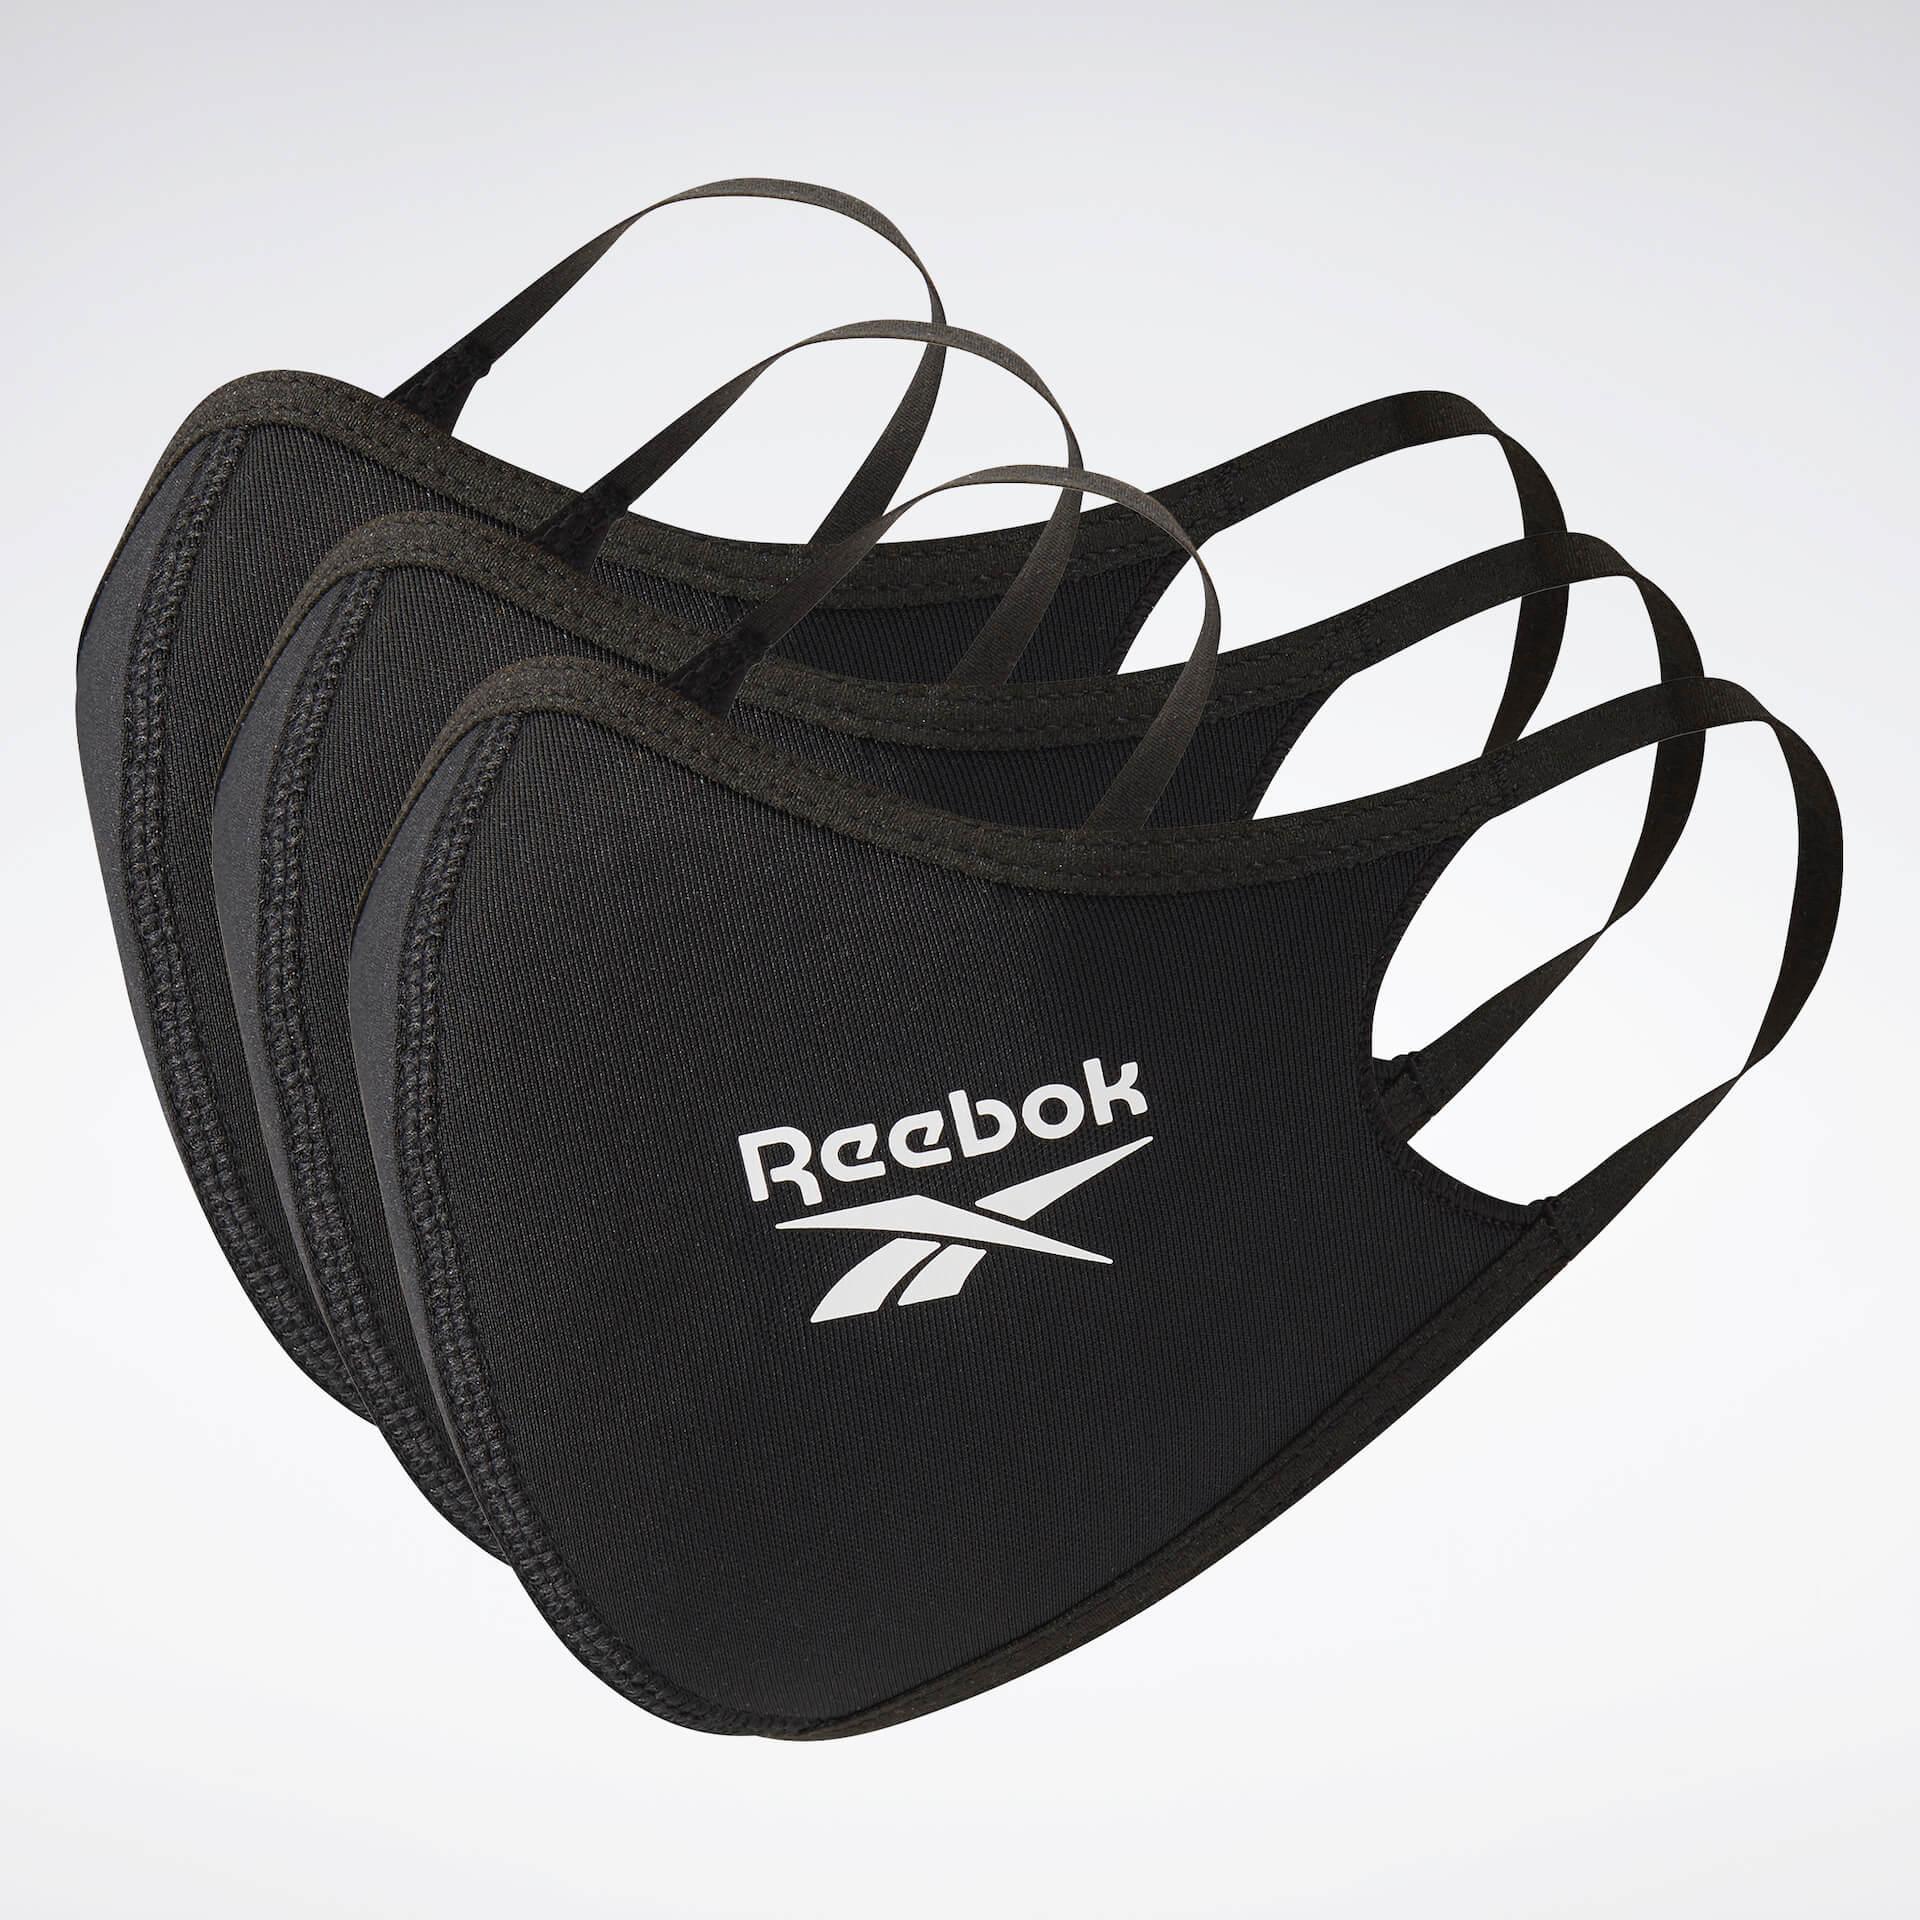 発売開始数時間で即完売したリーボックフェイスカバーが再販決定!本日より直営店にて先行販売が開始 fashion20123_reebok_mask_2